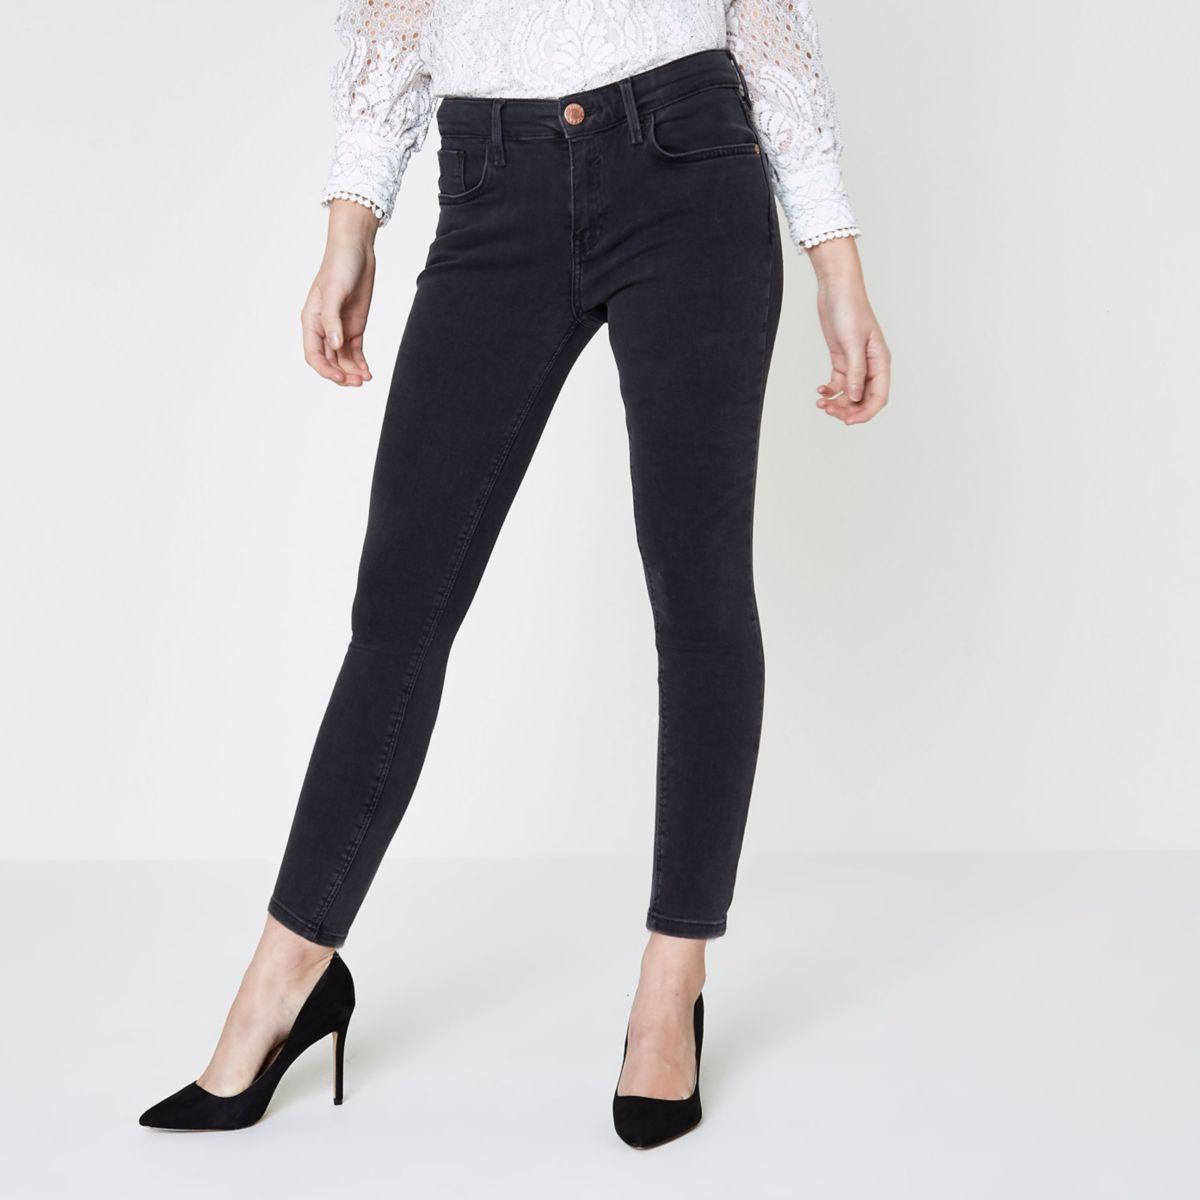 Petite black washed Amelie super skinny jeans